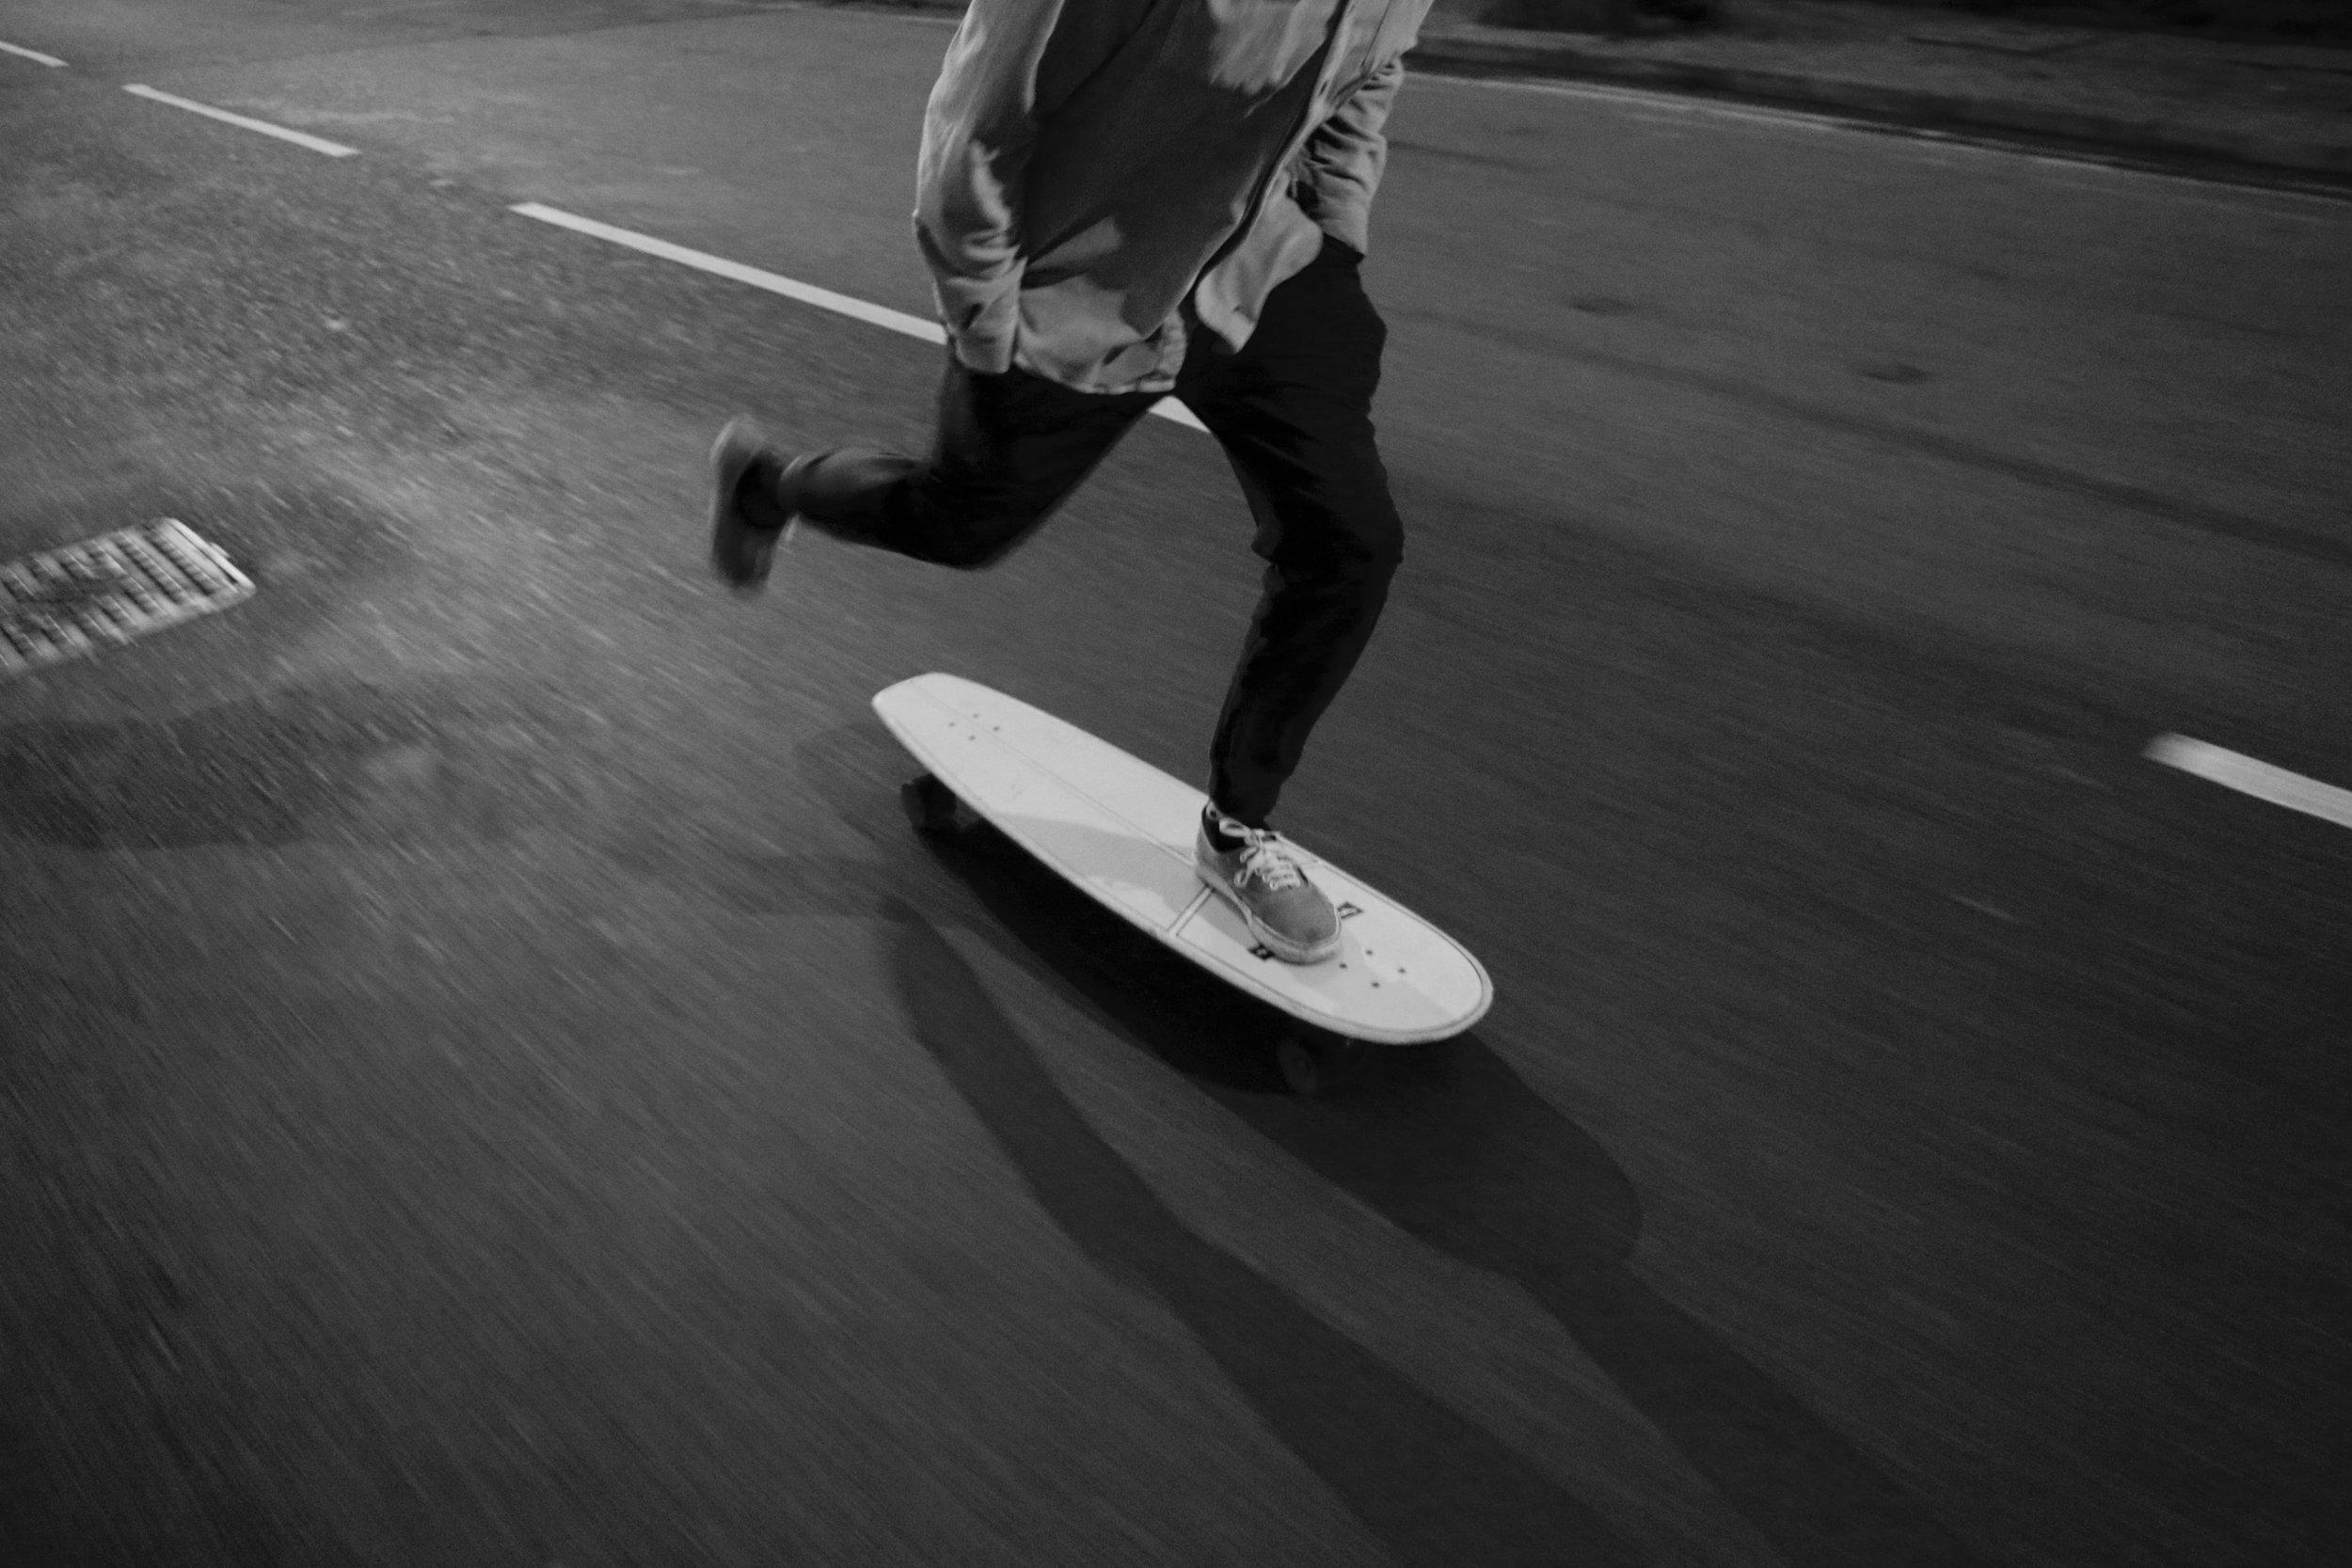 SALTWATER SURF INDO